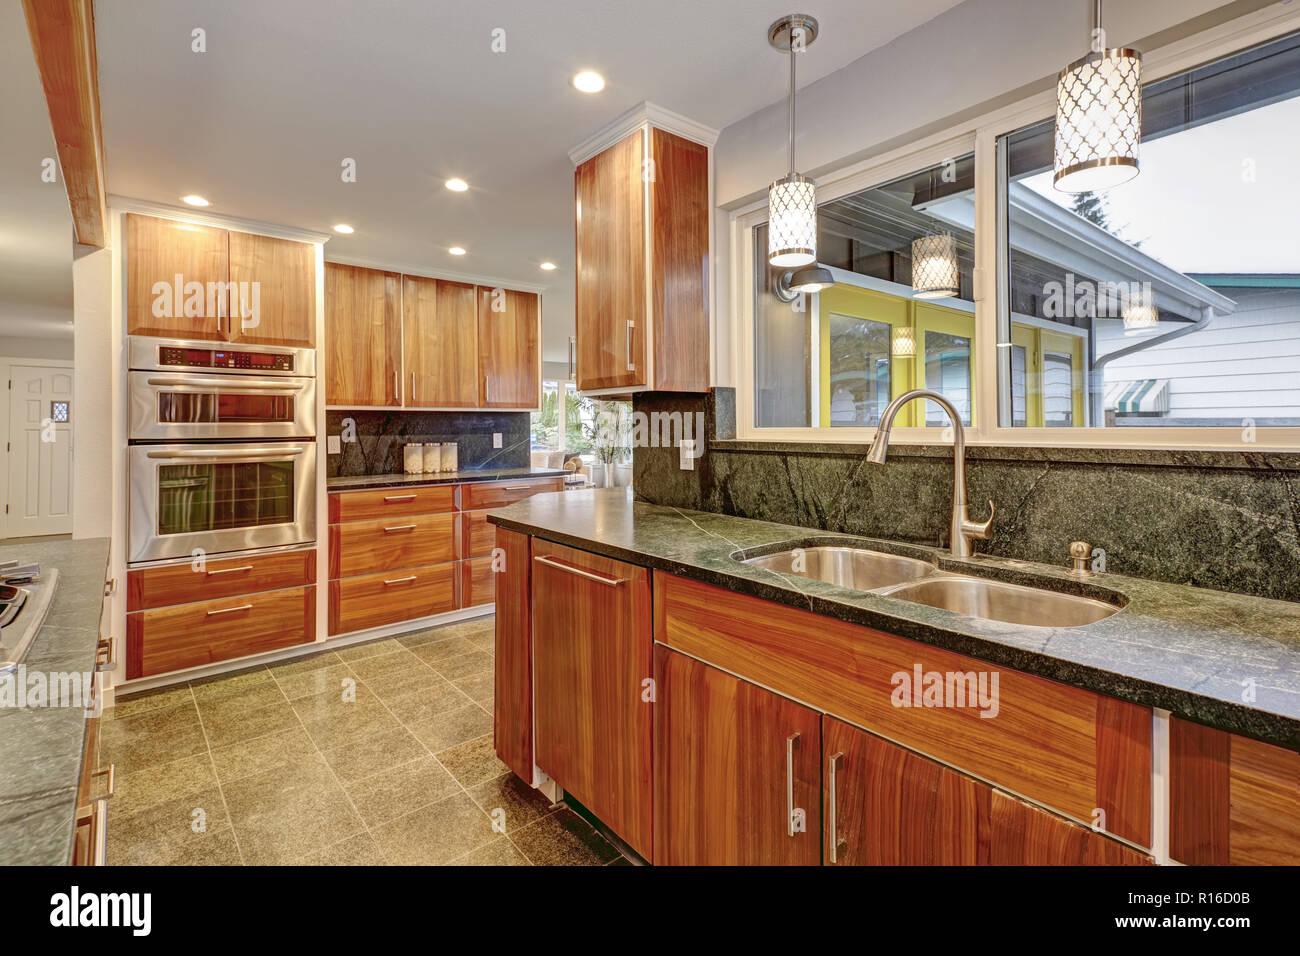 Küche Dunkler Fußboden ~ Luxuriöse küche mit edelstahlgeräten dunkle arbeitsplatten und